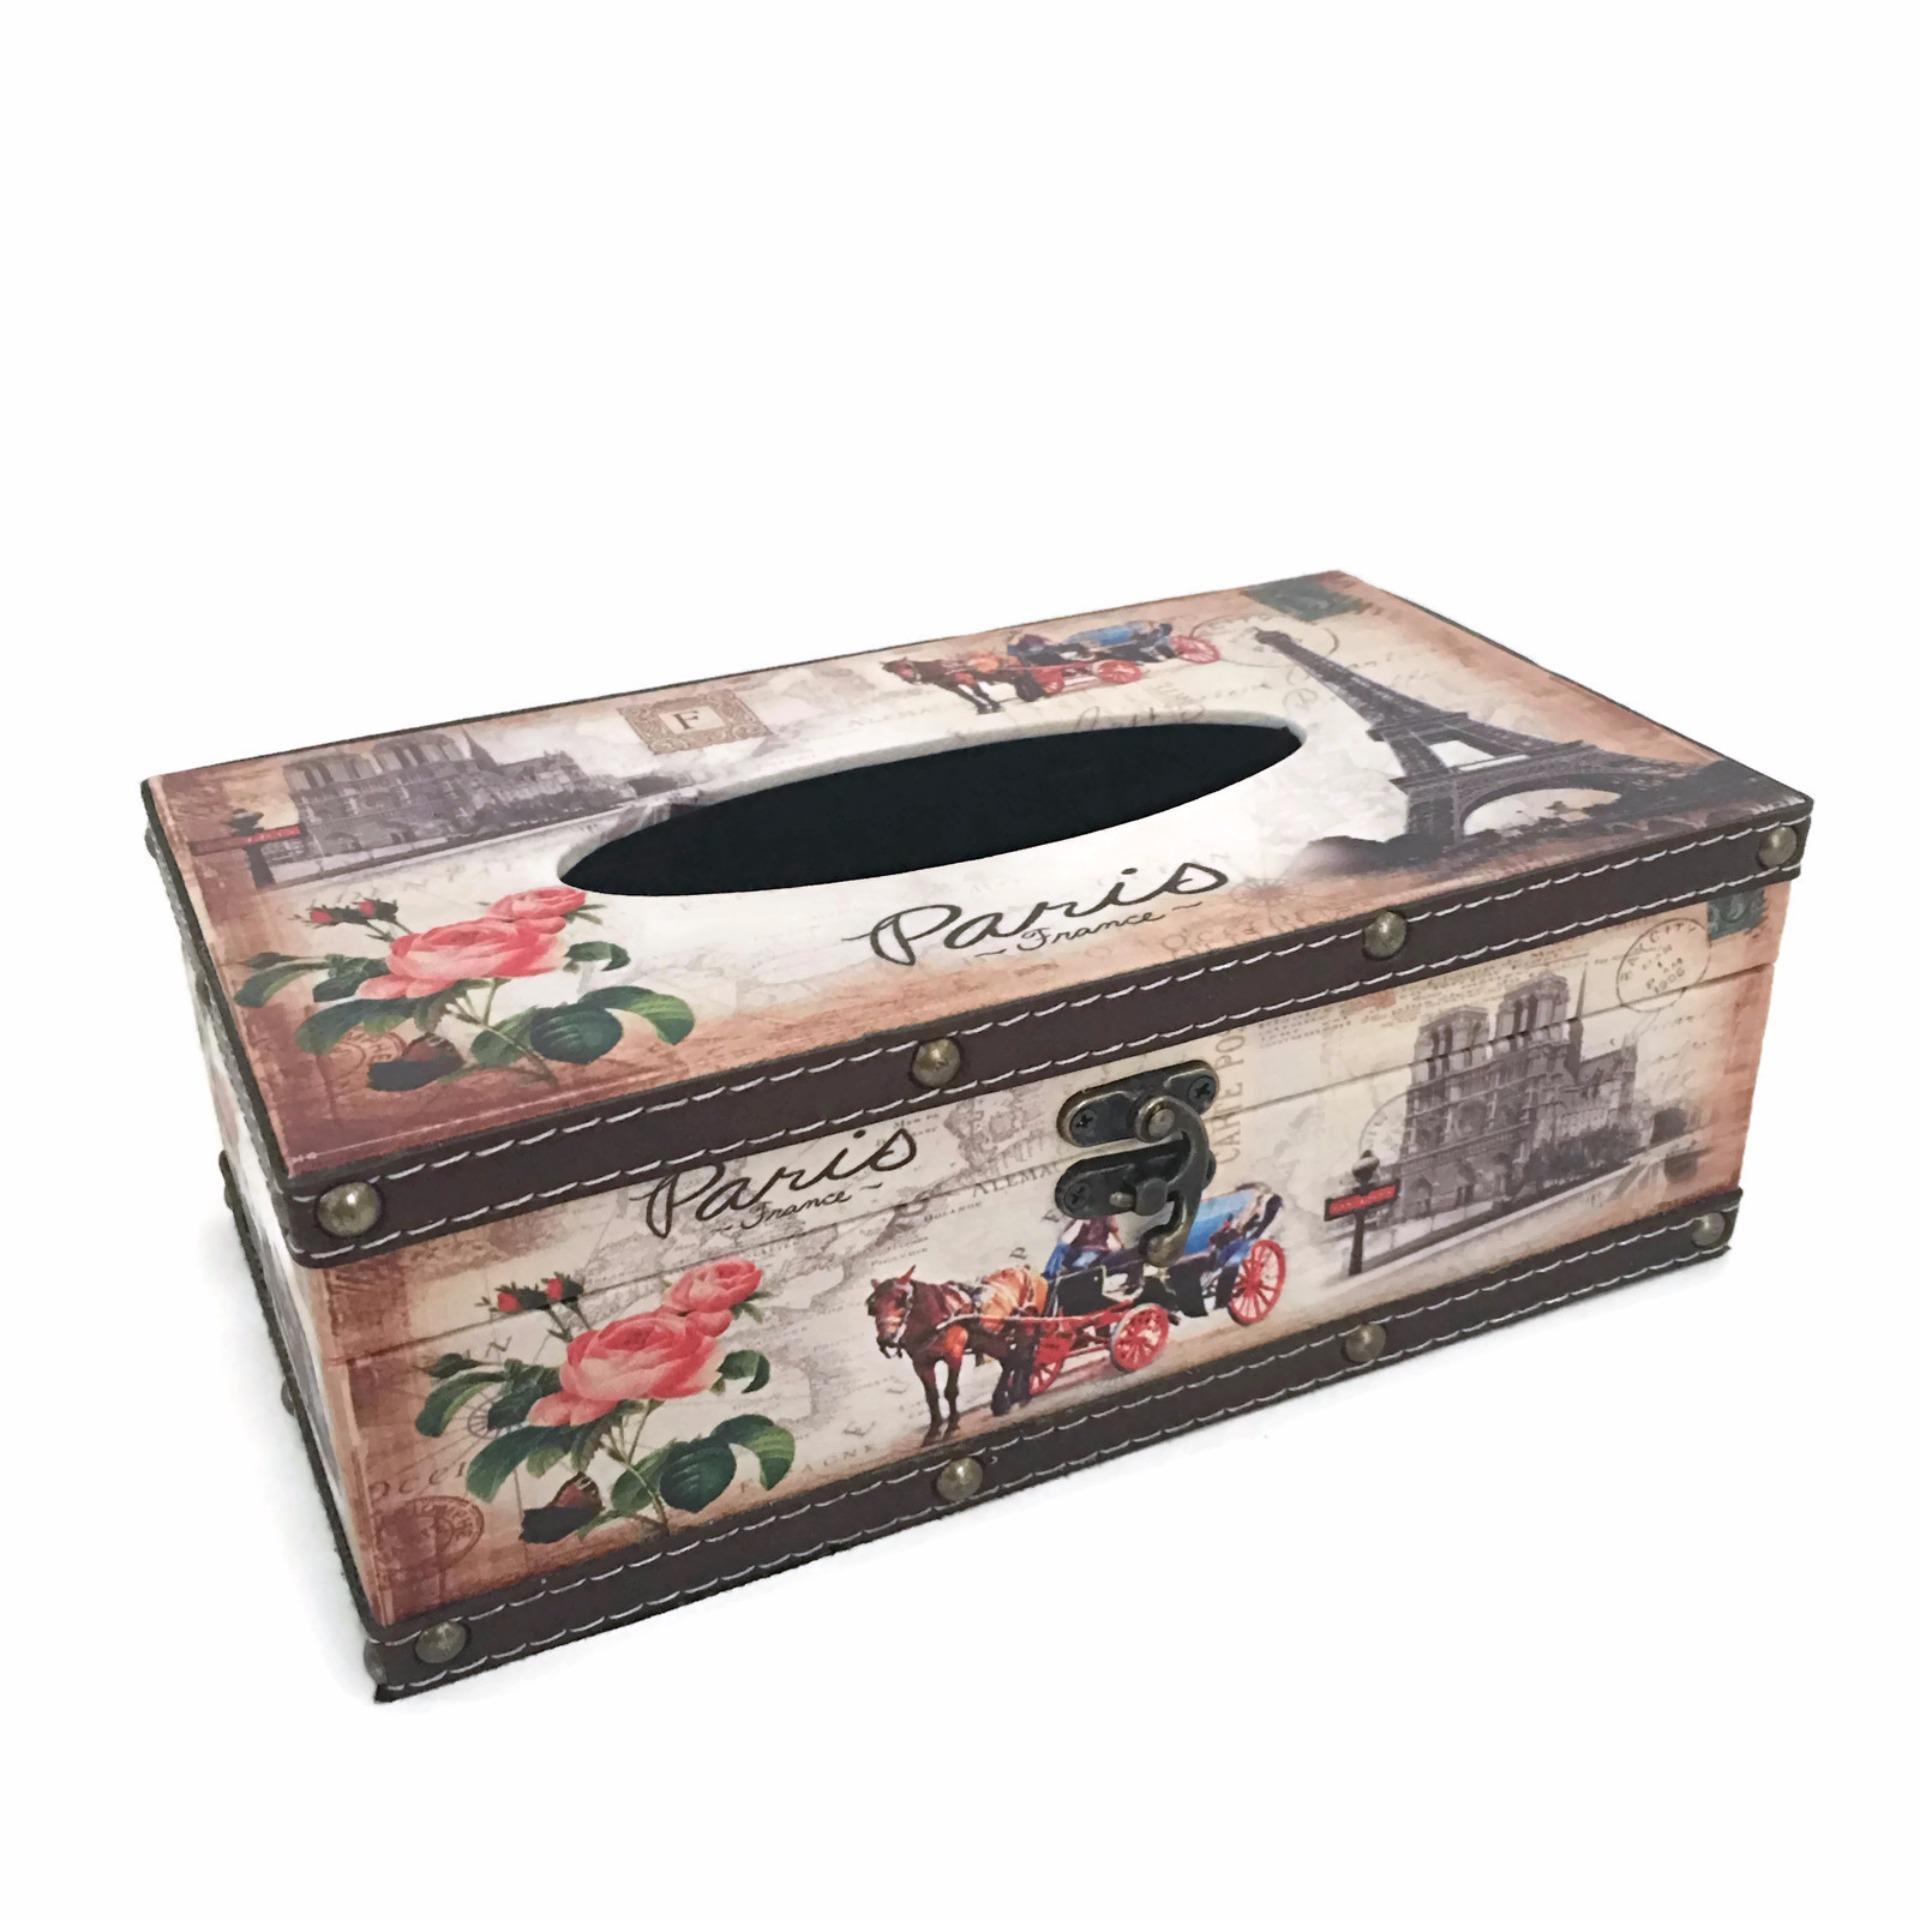 LaCarLa Decorative Retro Vintage Design Hinged Refillable Tissue Box Holder Cover - Tempat Tissue Corak Antik Jadul Kuno - Paris